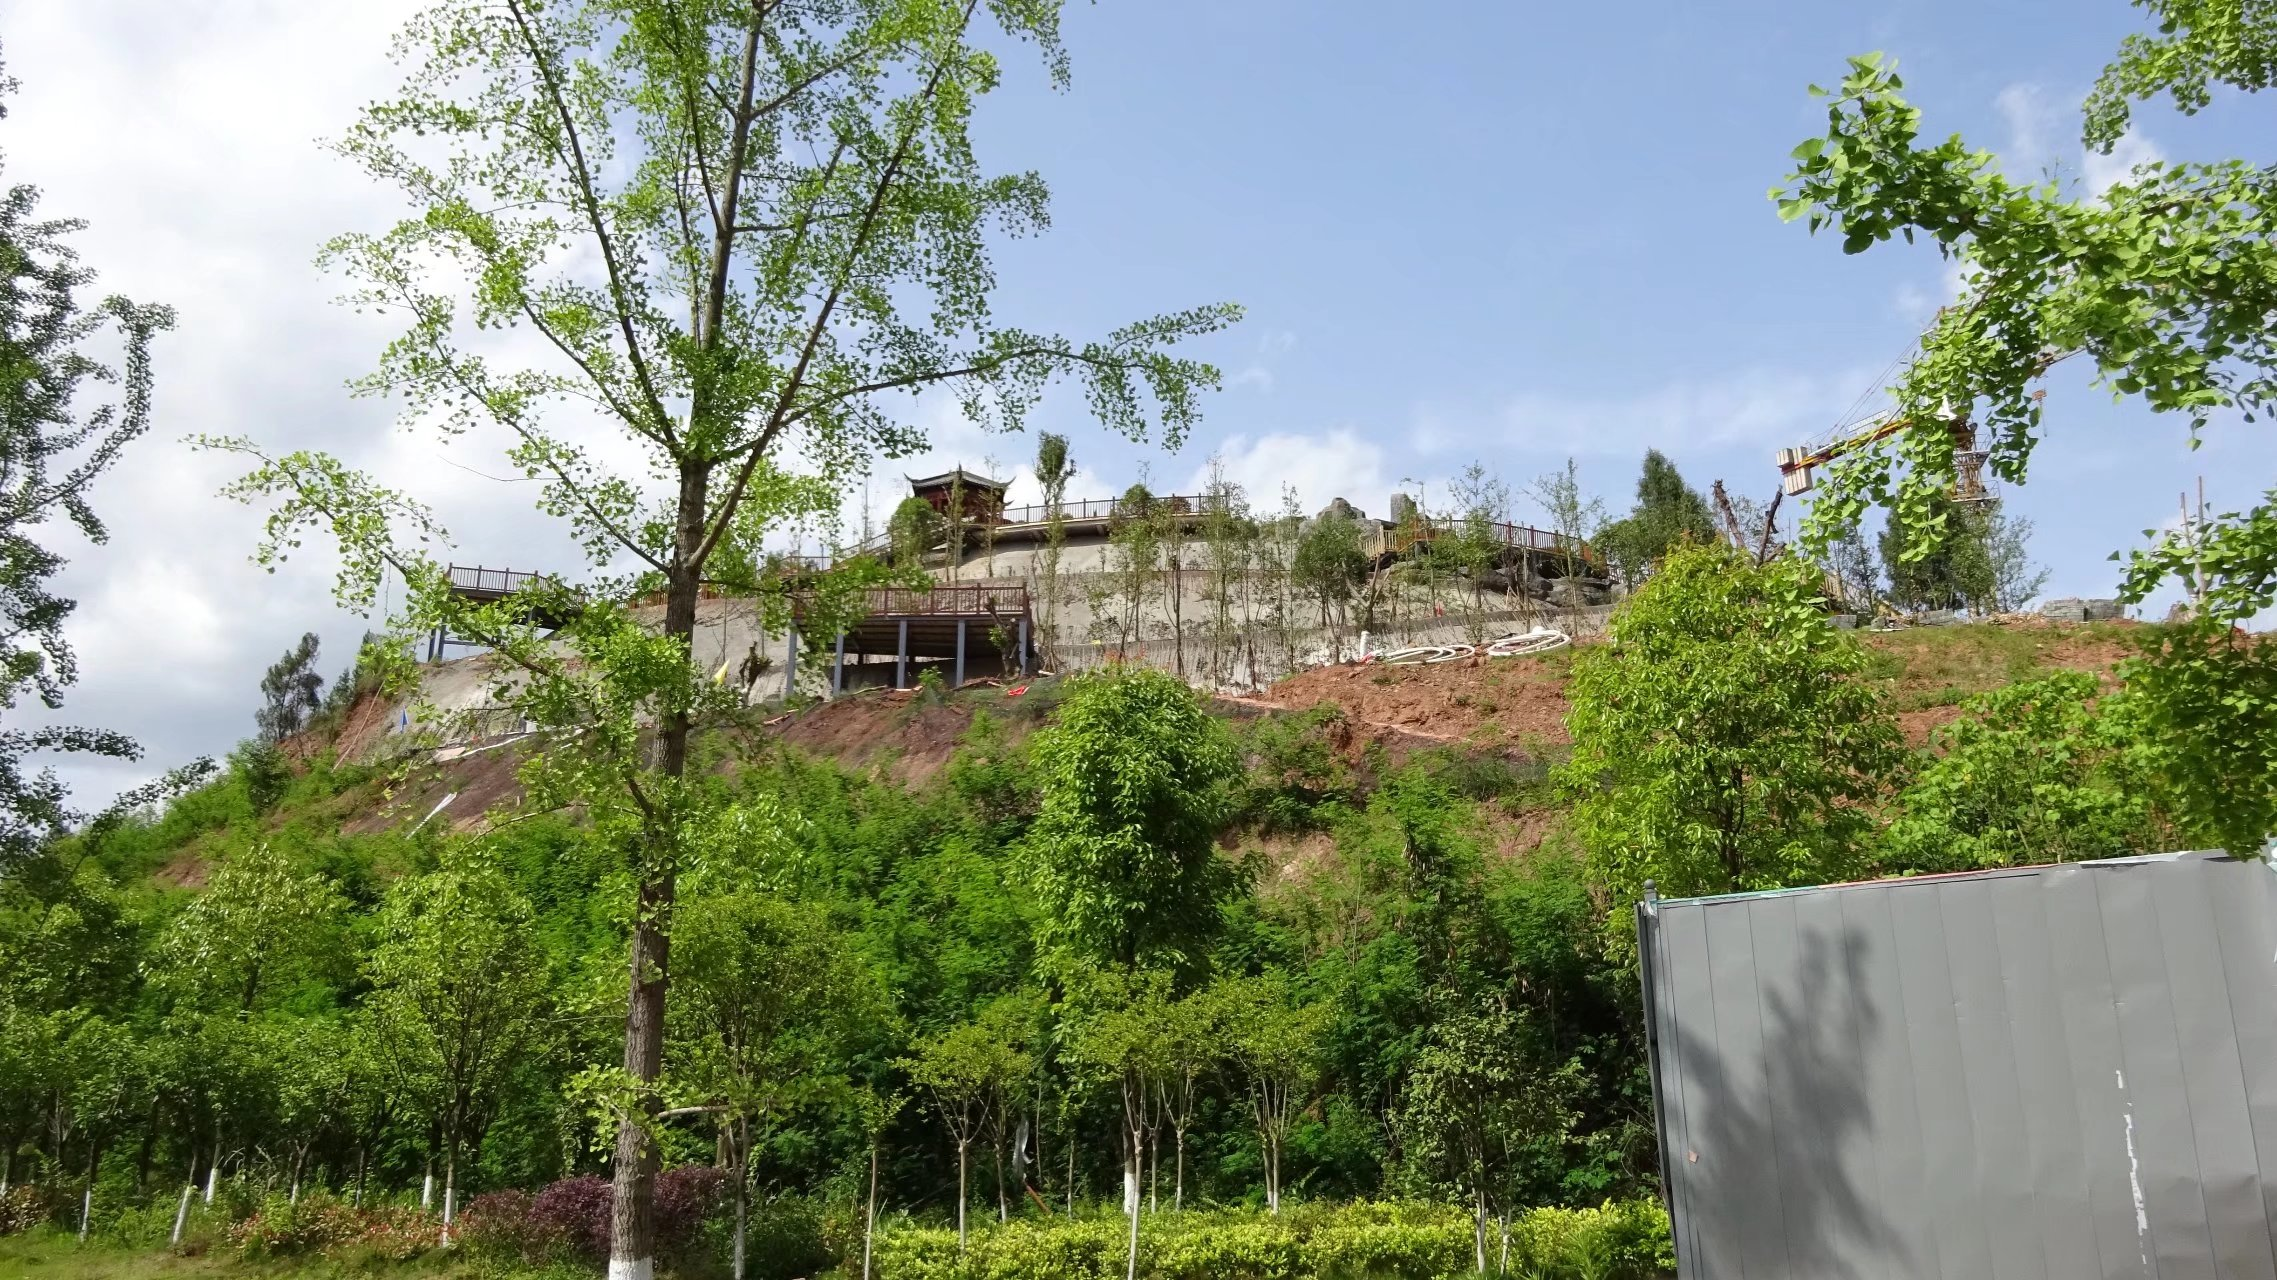 蓬安桑梓火锅公园施工进度(2018-05-10) - 第3张    蓬安在线